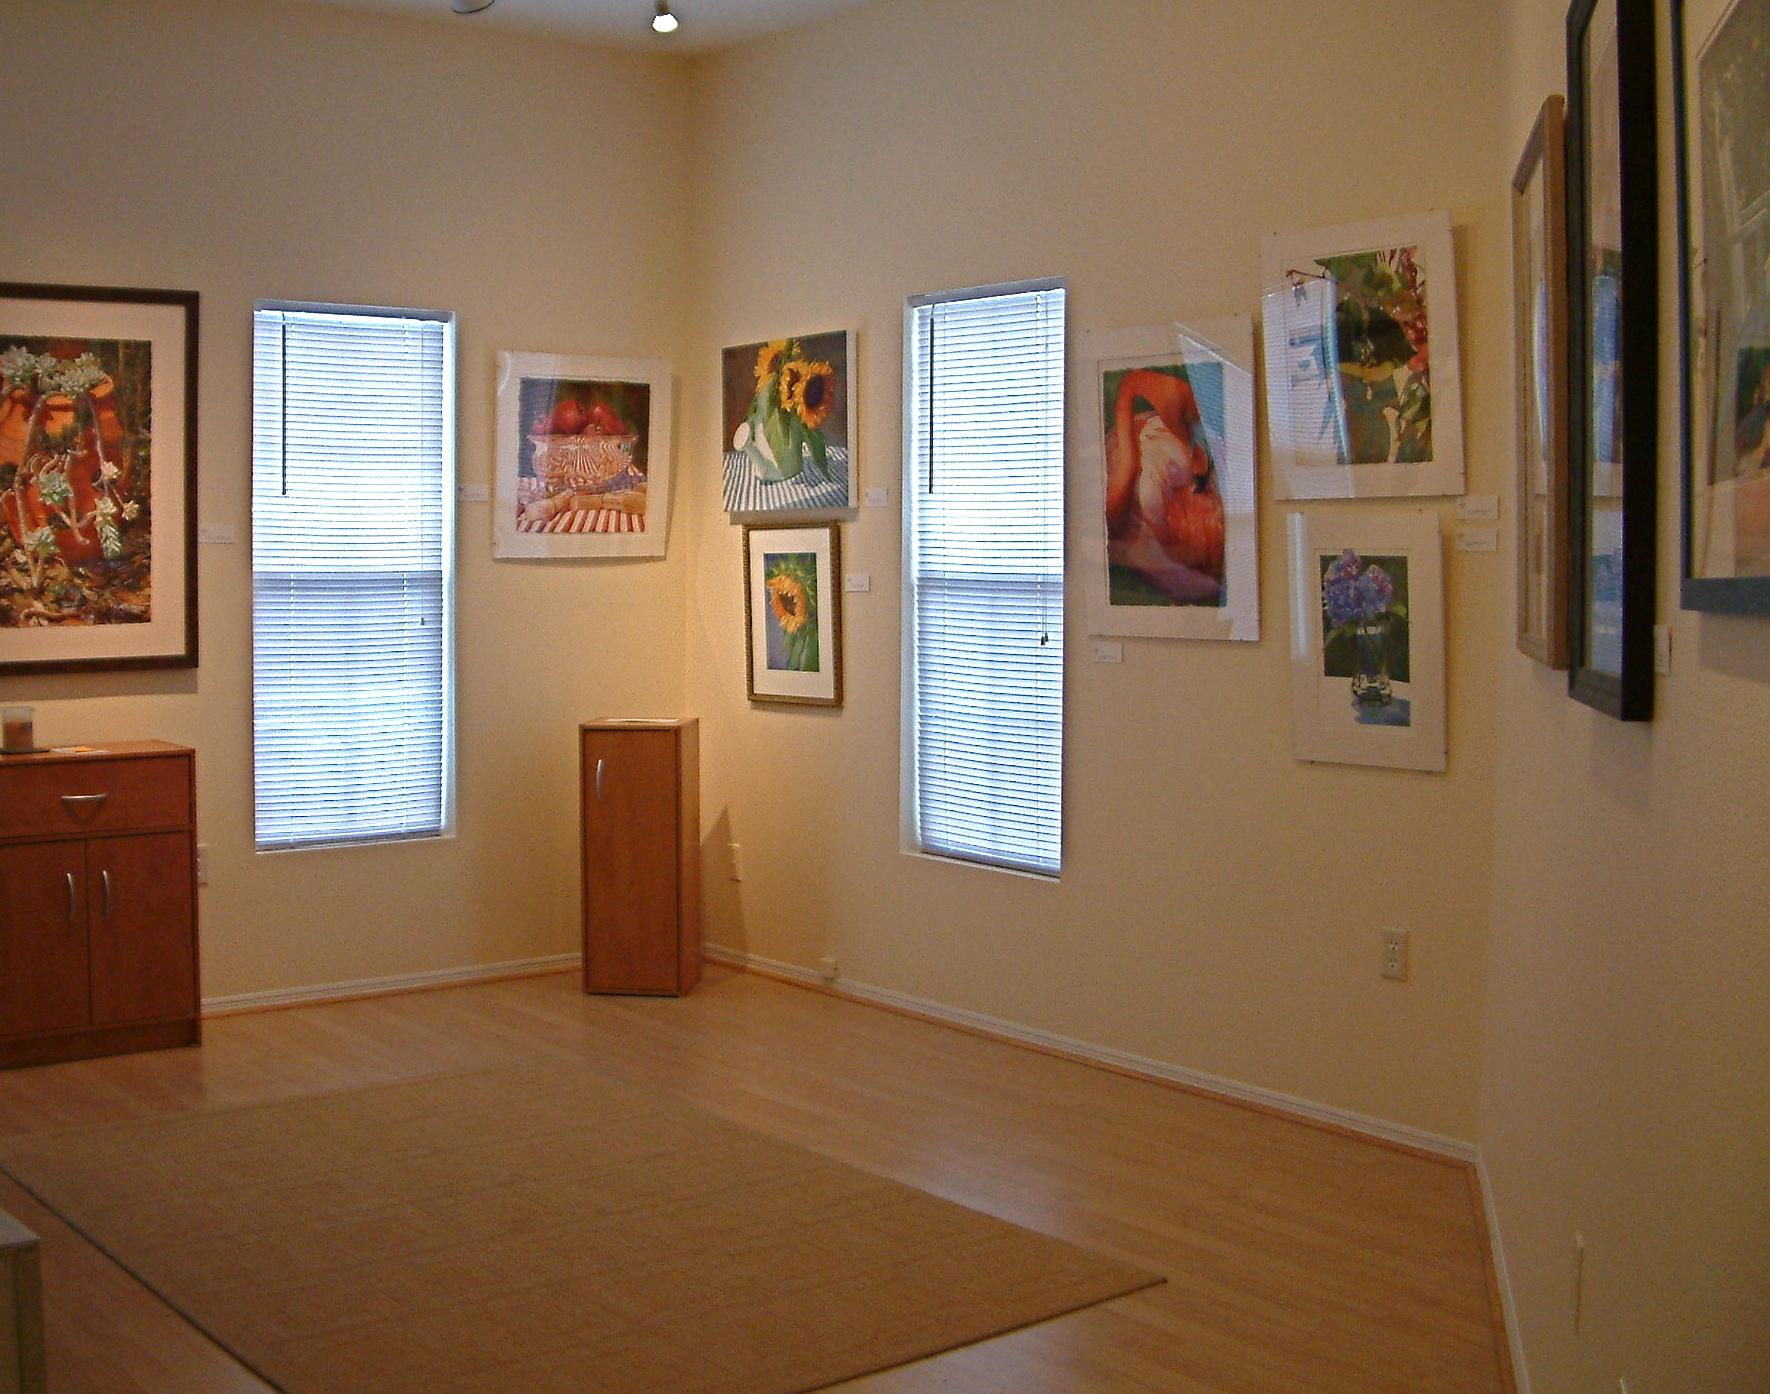 Towles Court Studio#203